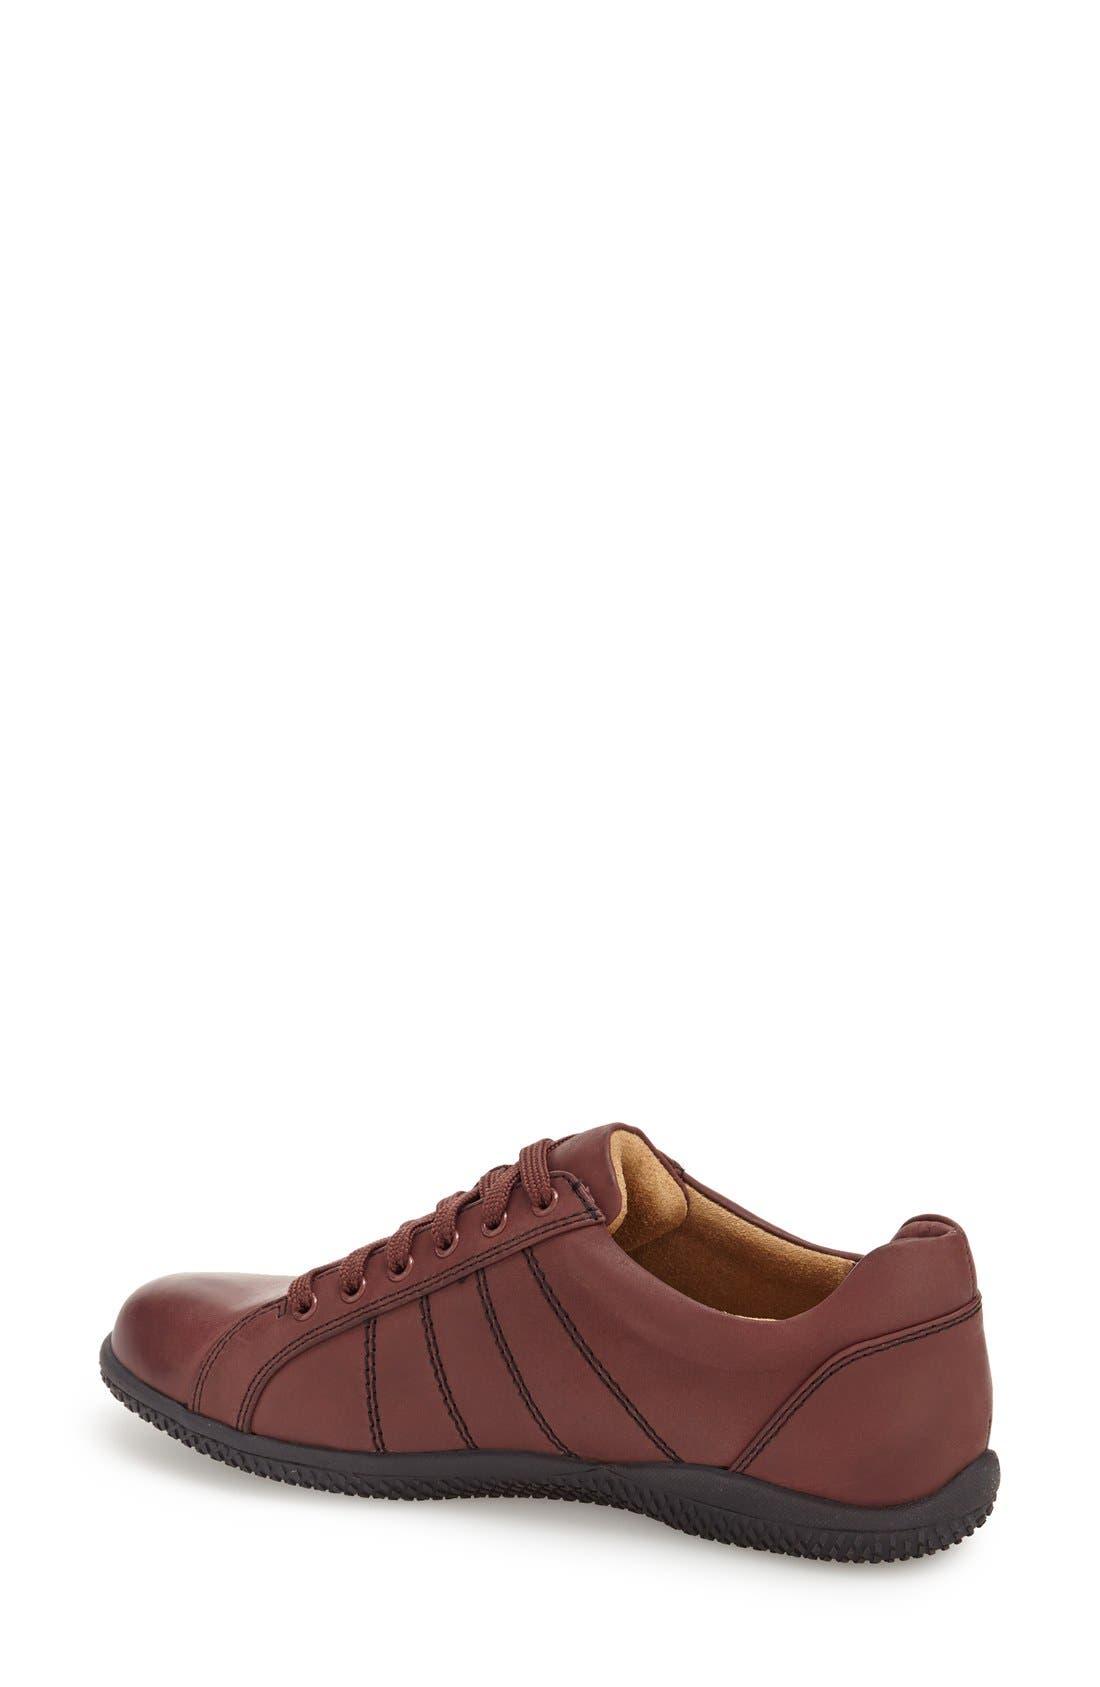 'Hickory' Sneaker,                             Alternate thumbnail 2, color,                             Dark Red